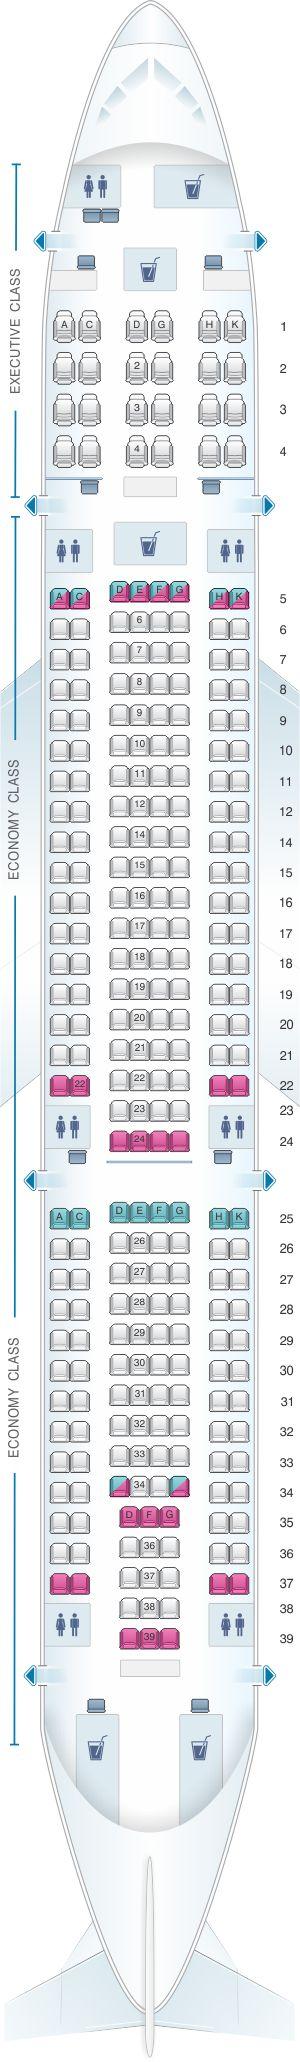 Seat Map SATA Air Açores Airbus A330 200